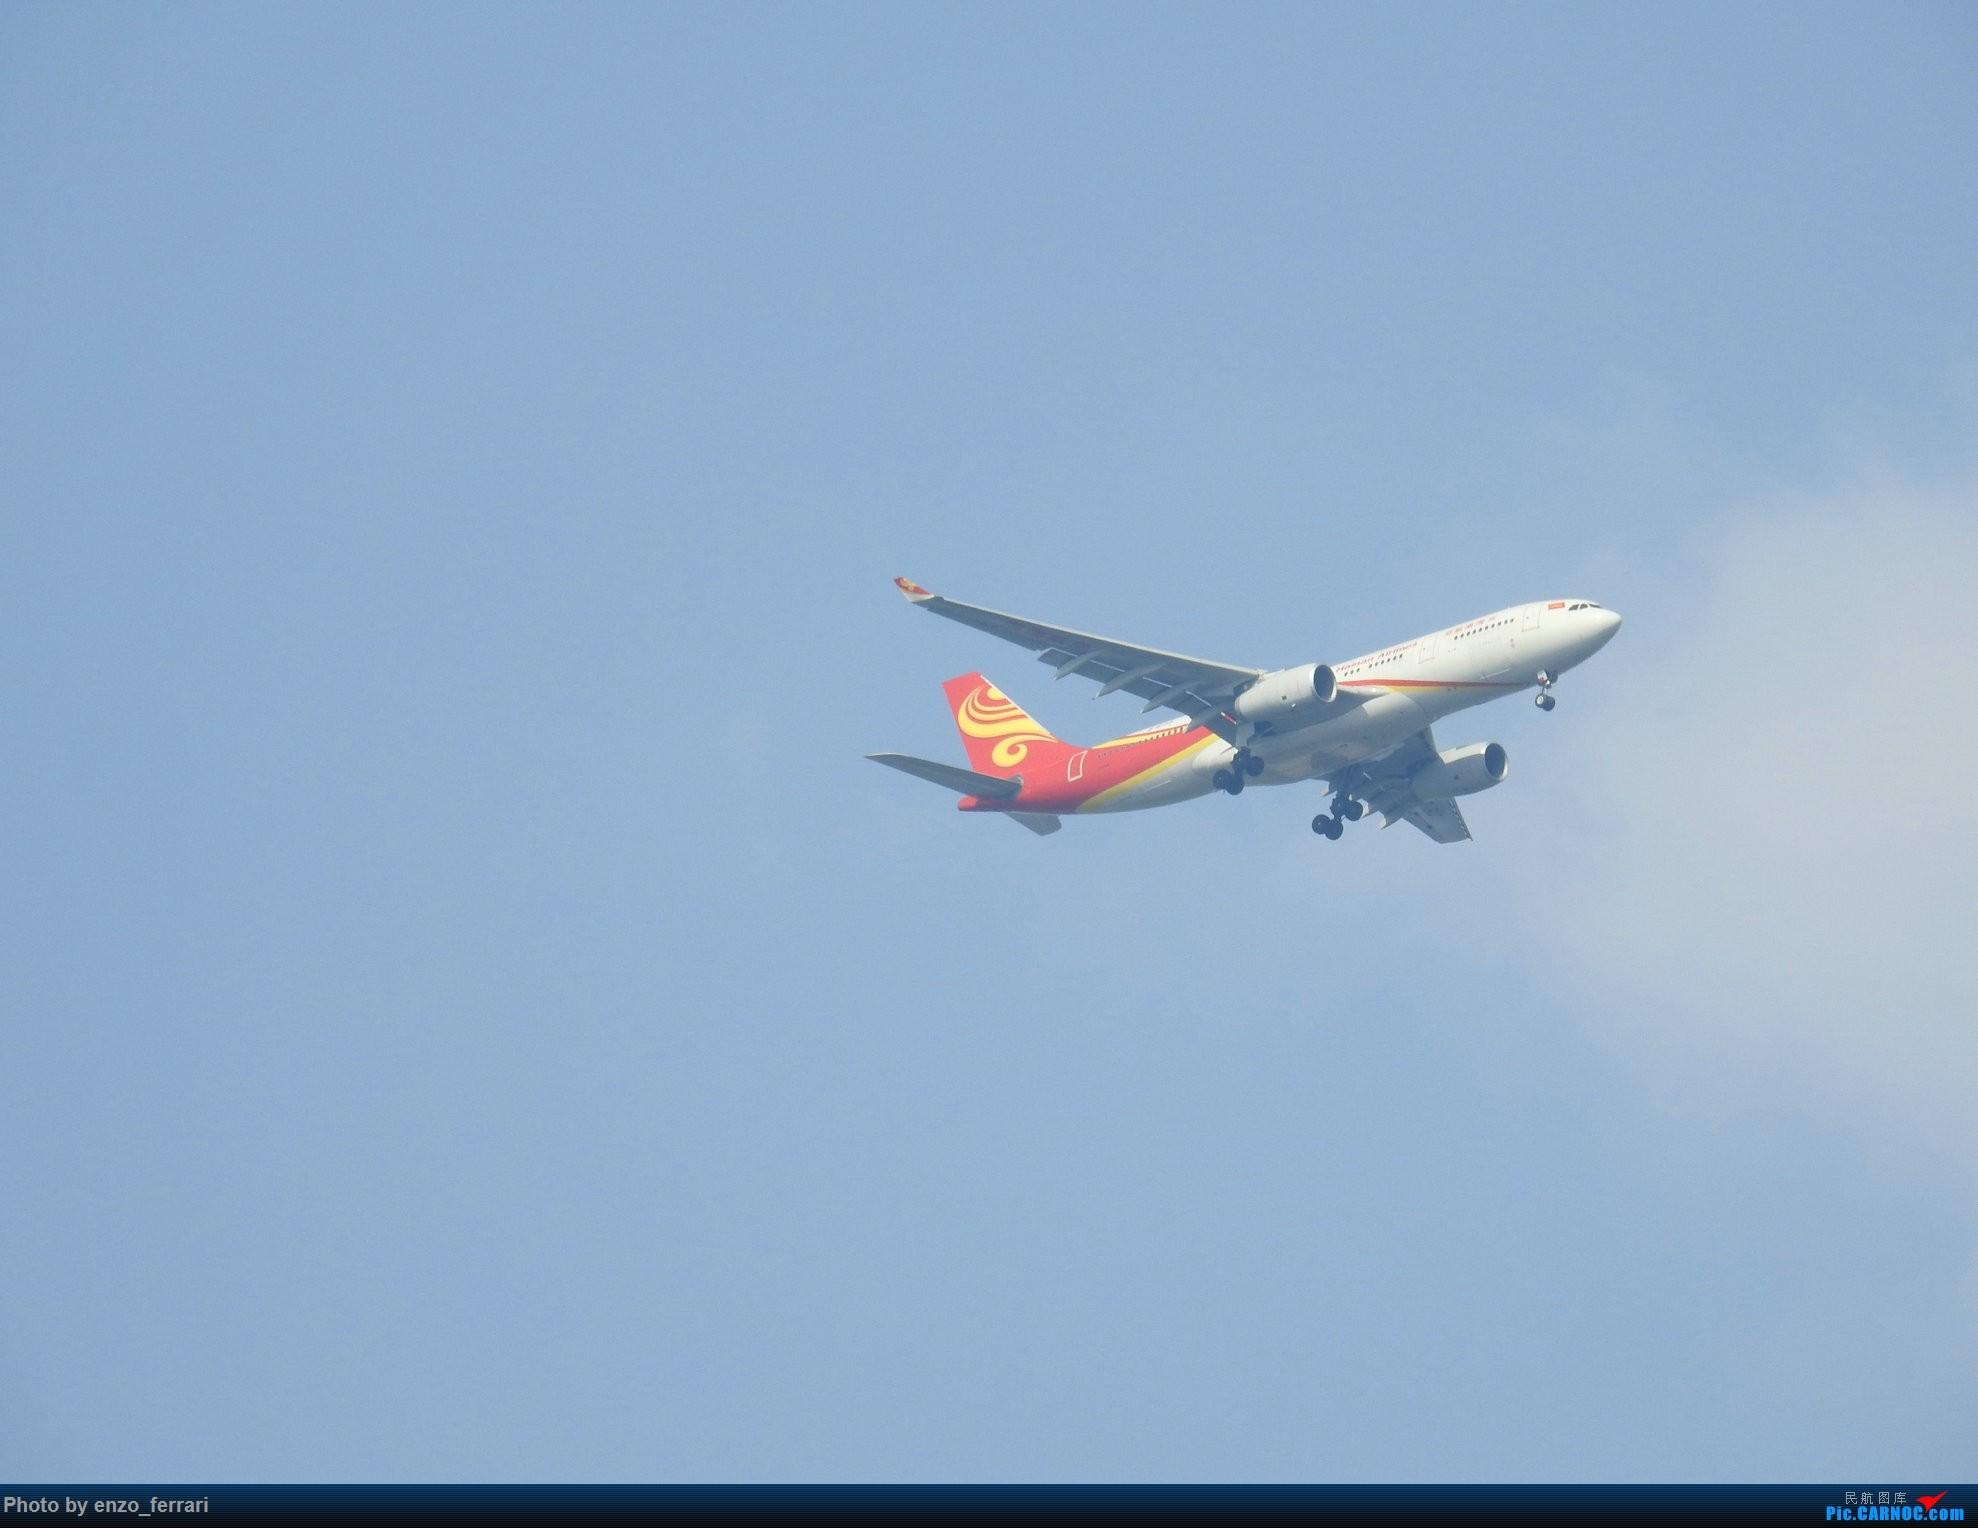 [原创]【KWE】贵阳拍海航330 AIRBUS A330-200 B-6133 中国贵阳龙洞堡国际机场